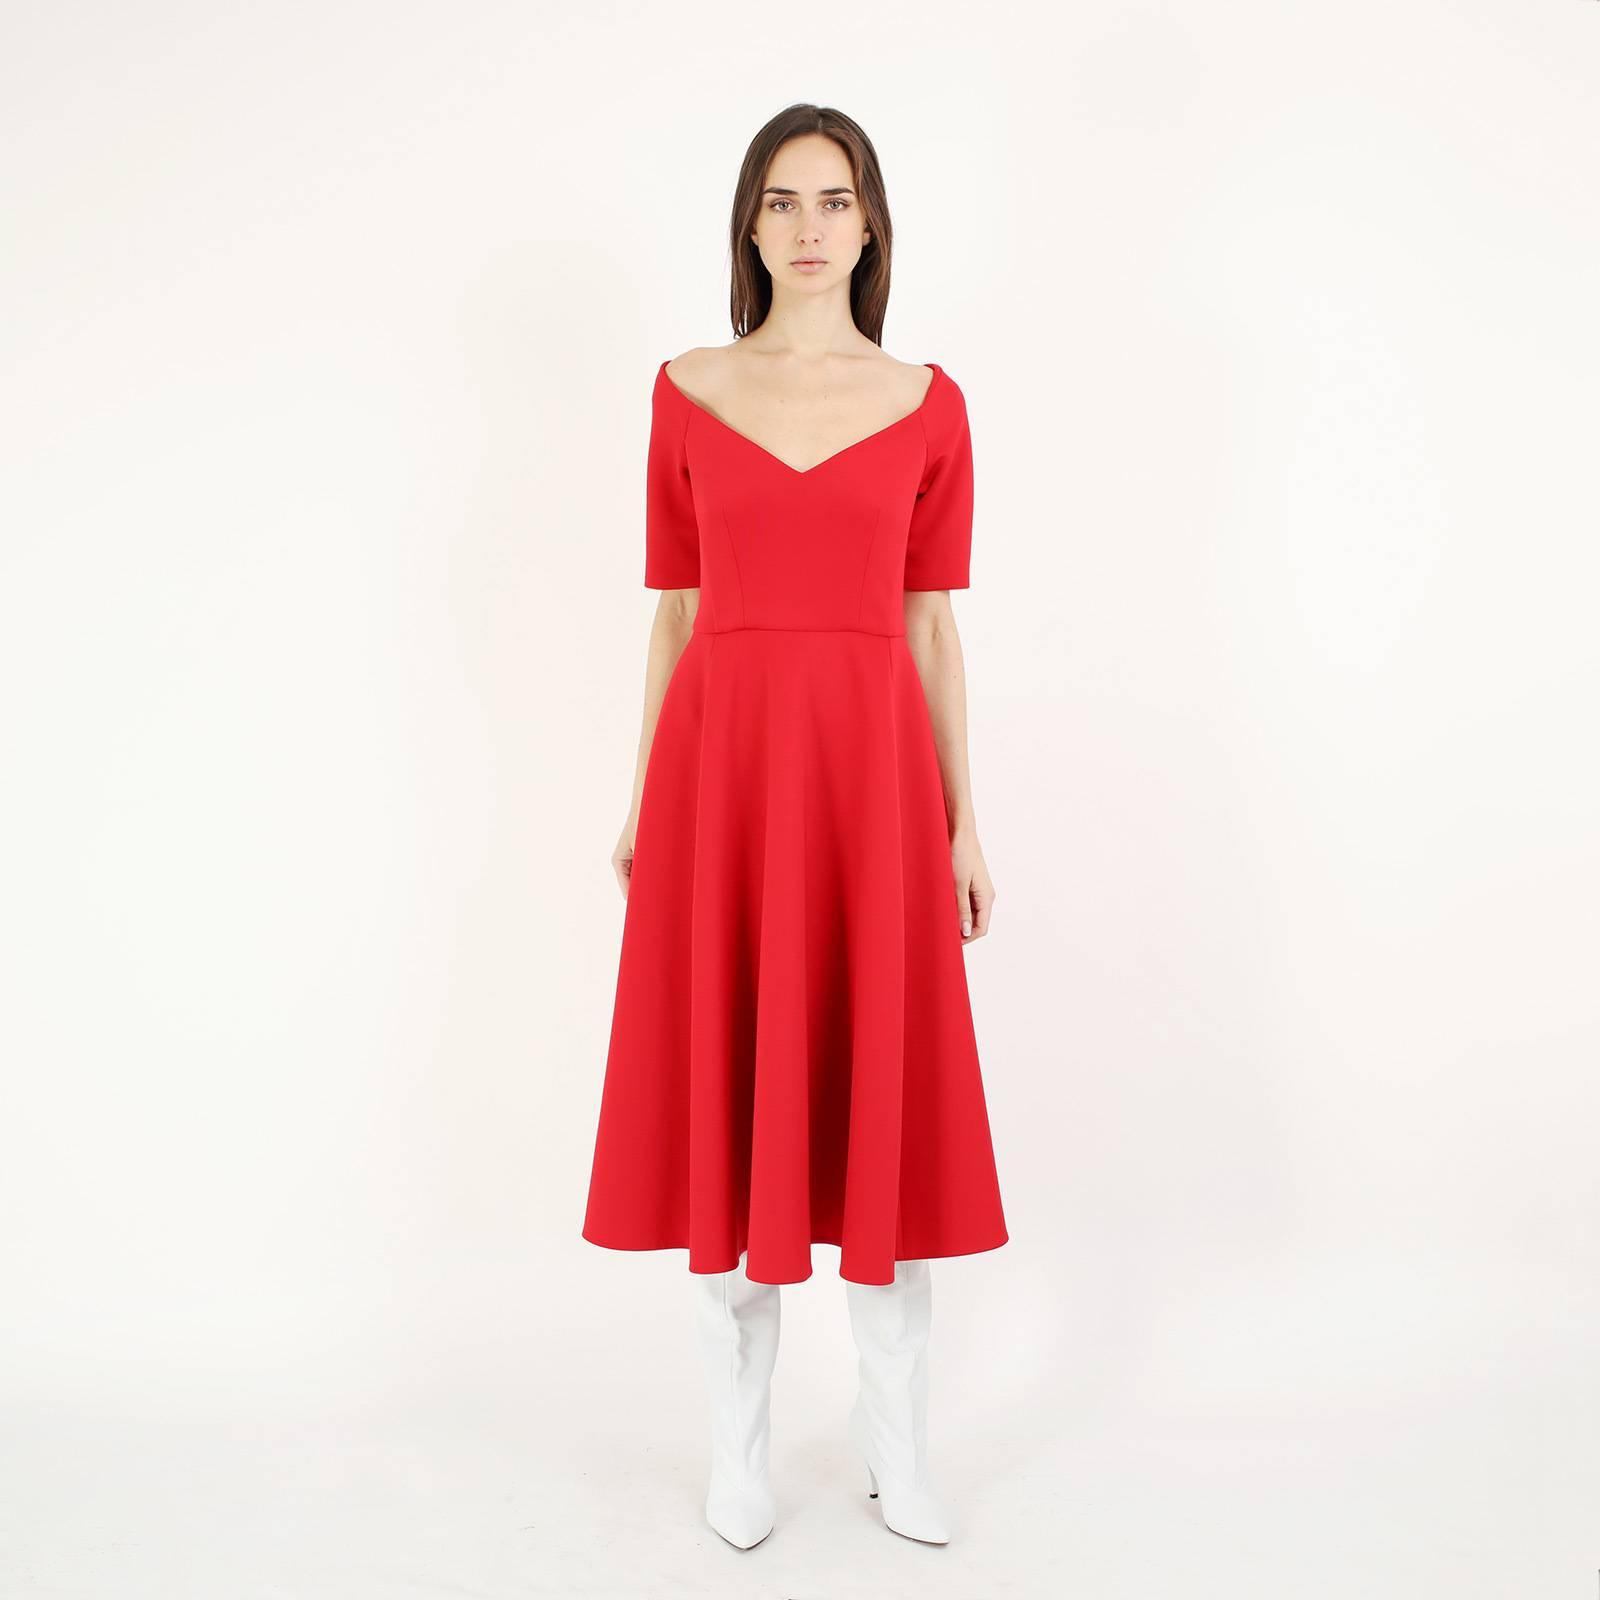 изделия платья от киры пластининой фото определения способа